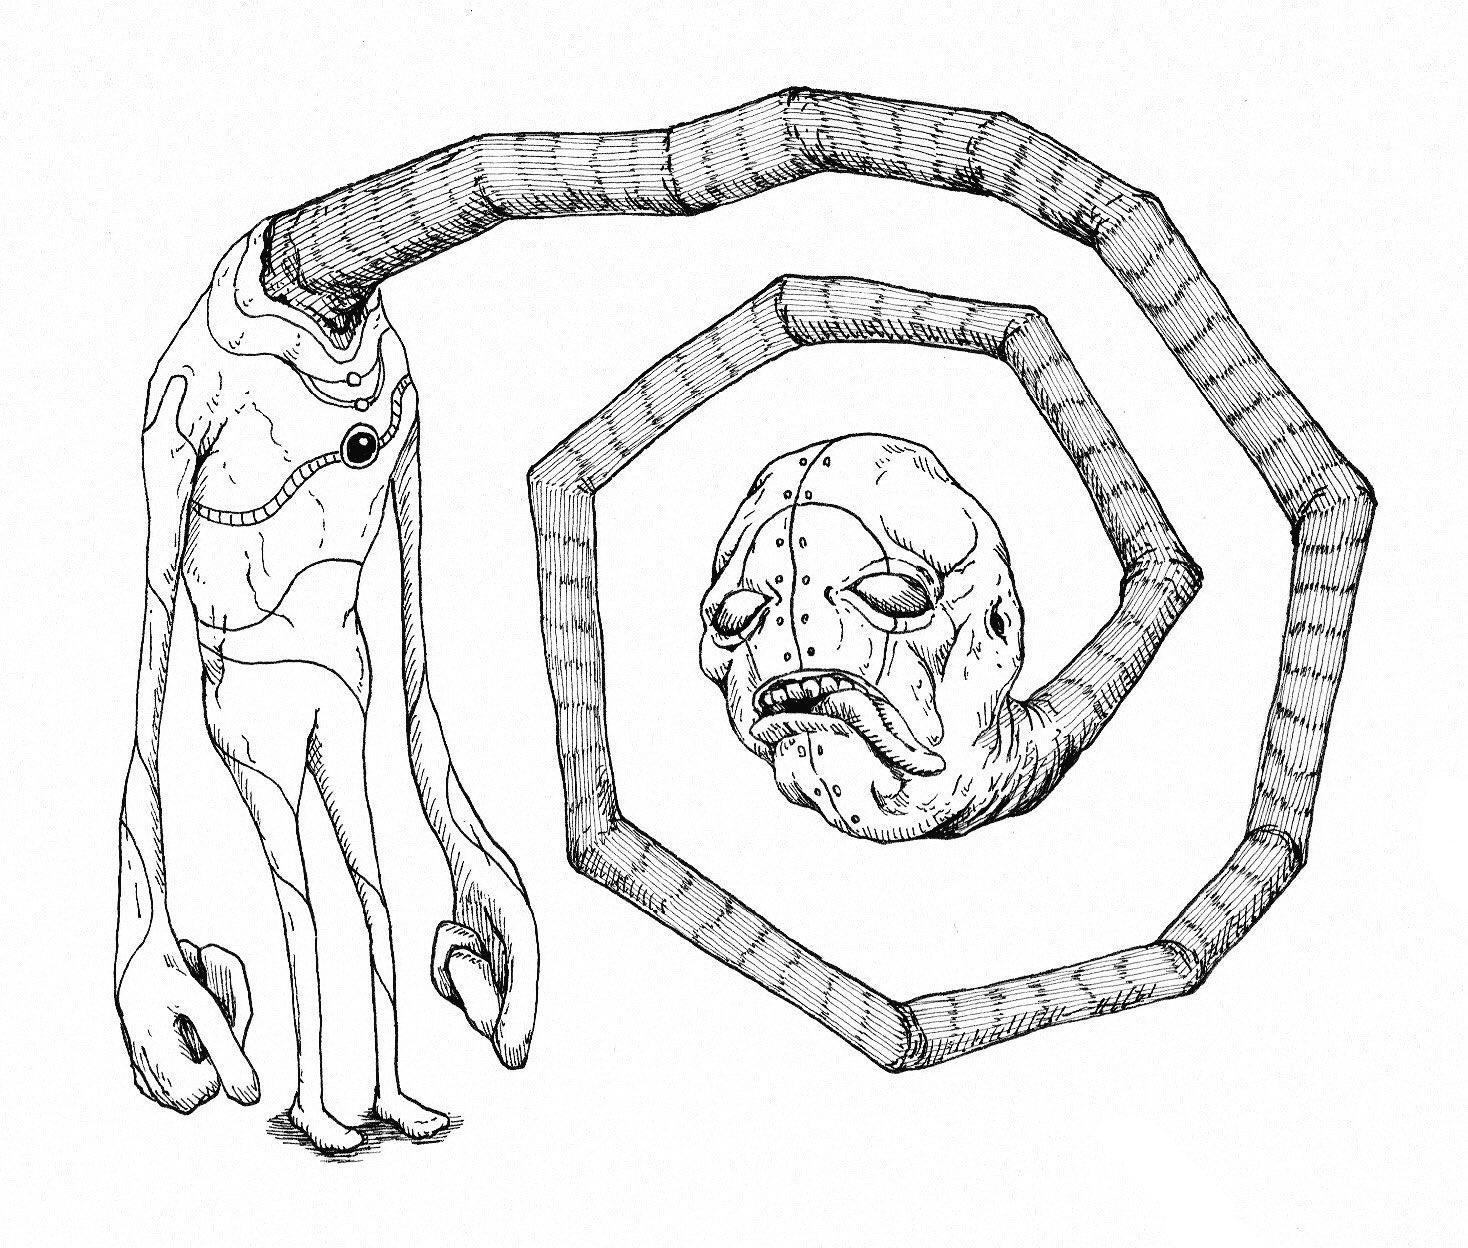 な 奴 の は する 話 首吊り で した ロープ 意味 家 の